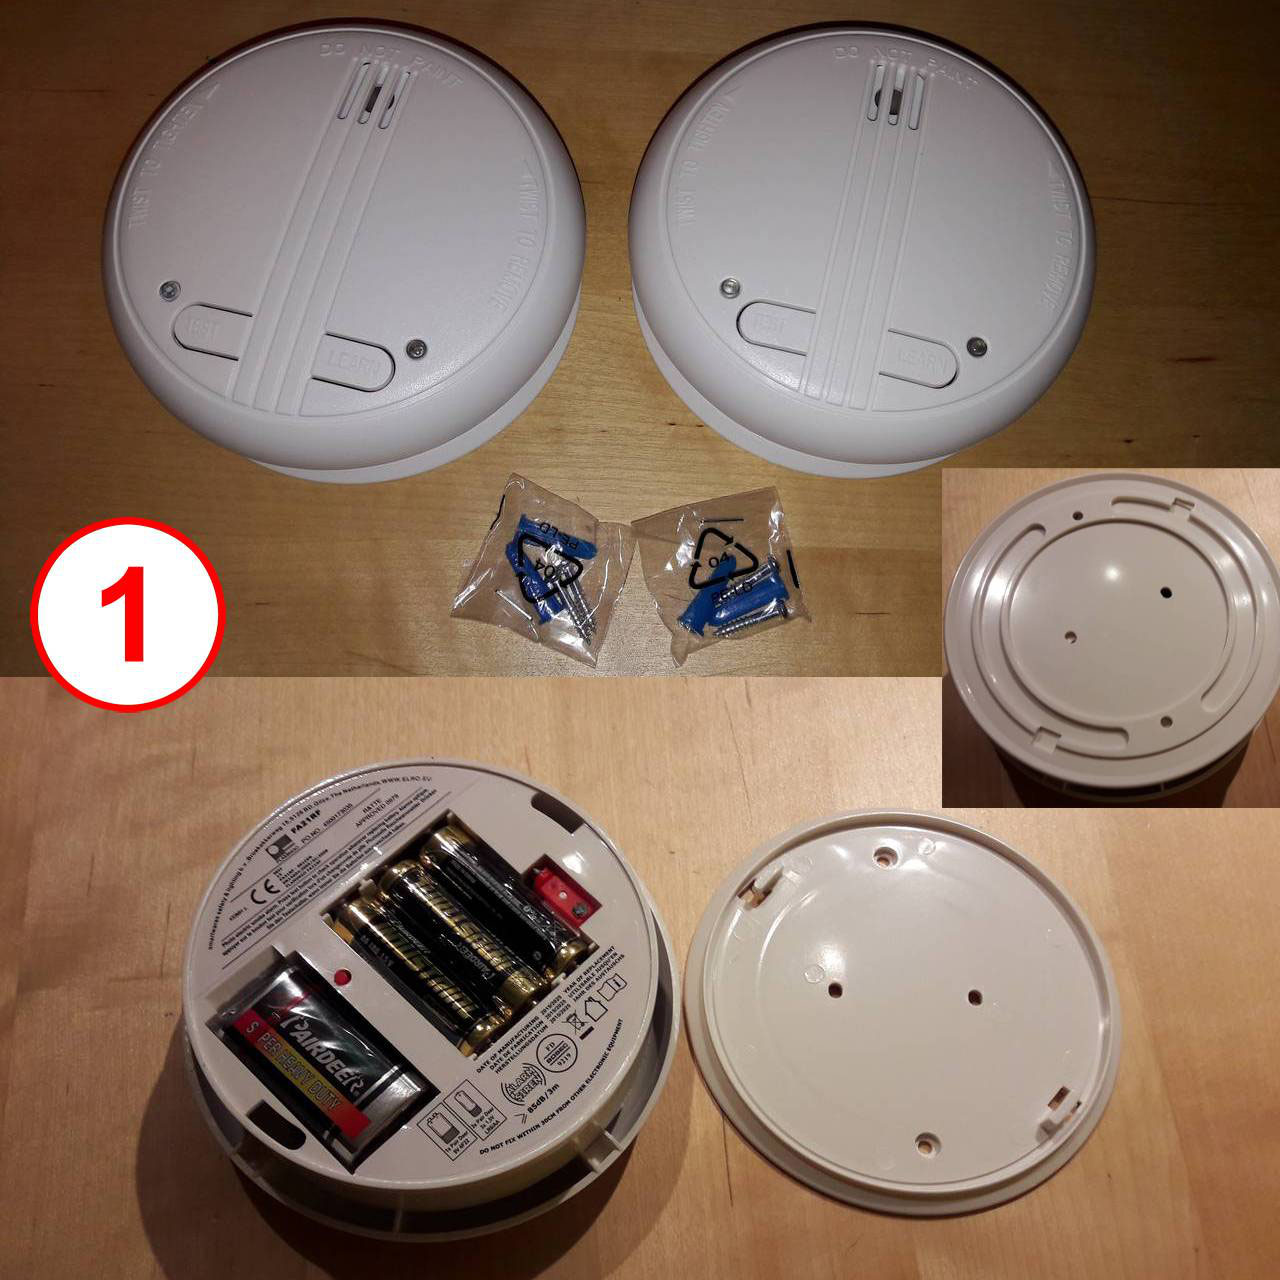 smartwares smarthome funk rauchmelder 2 er set vernetzbar shs 32000 eu kim bottenhorn. Black Bedroom Furniture Sets. Home Design Ideas